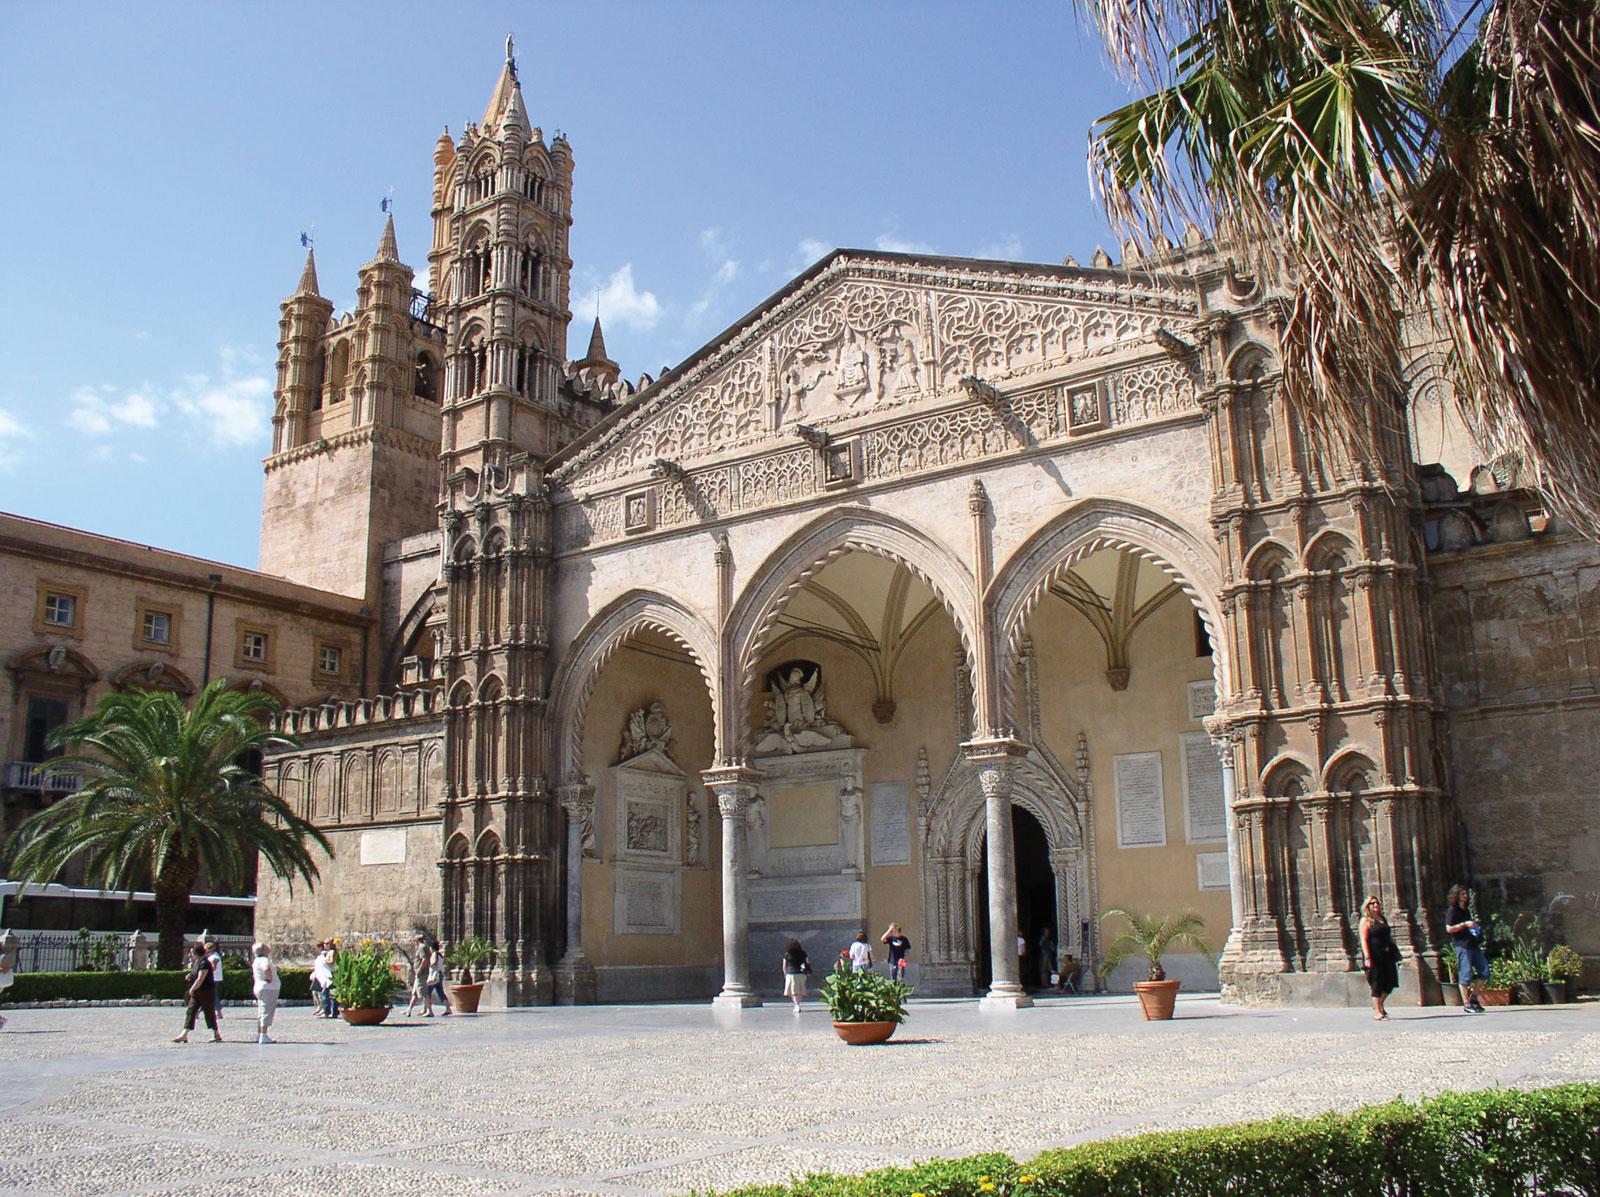 Фото: Кафедральный собор Палермо в Сицилии, Италия.